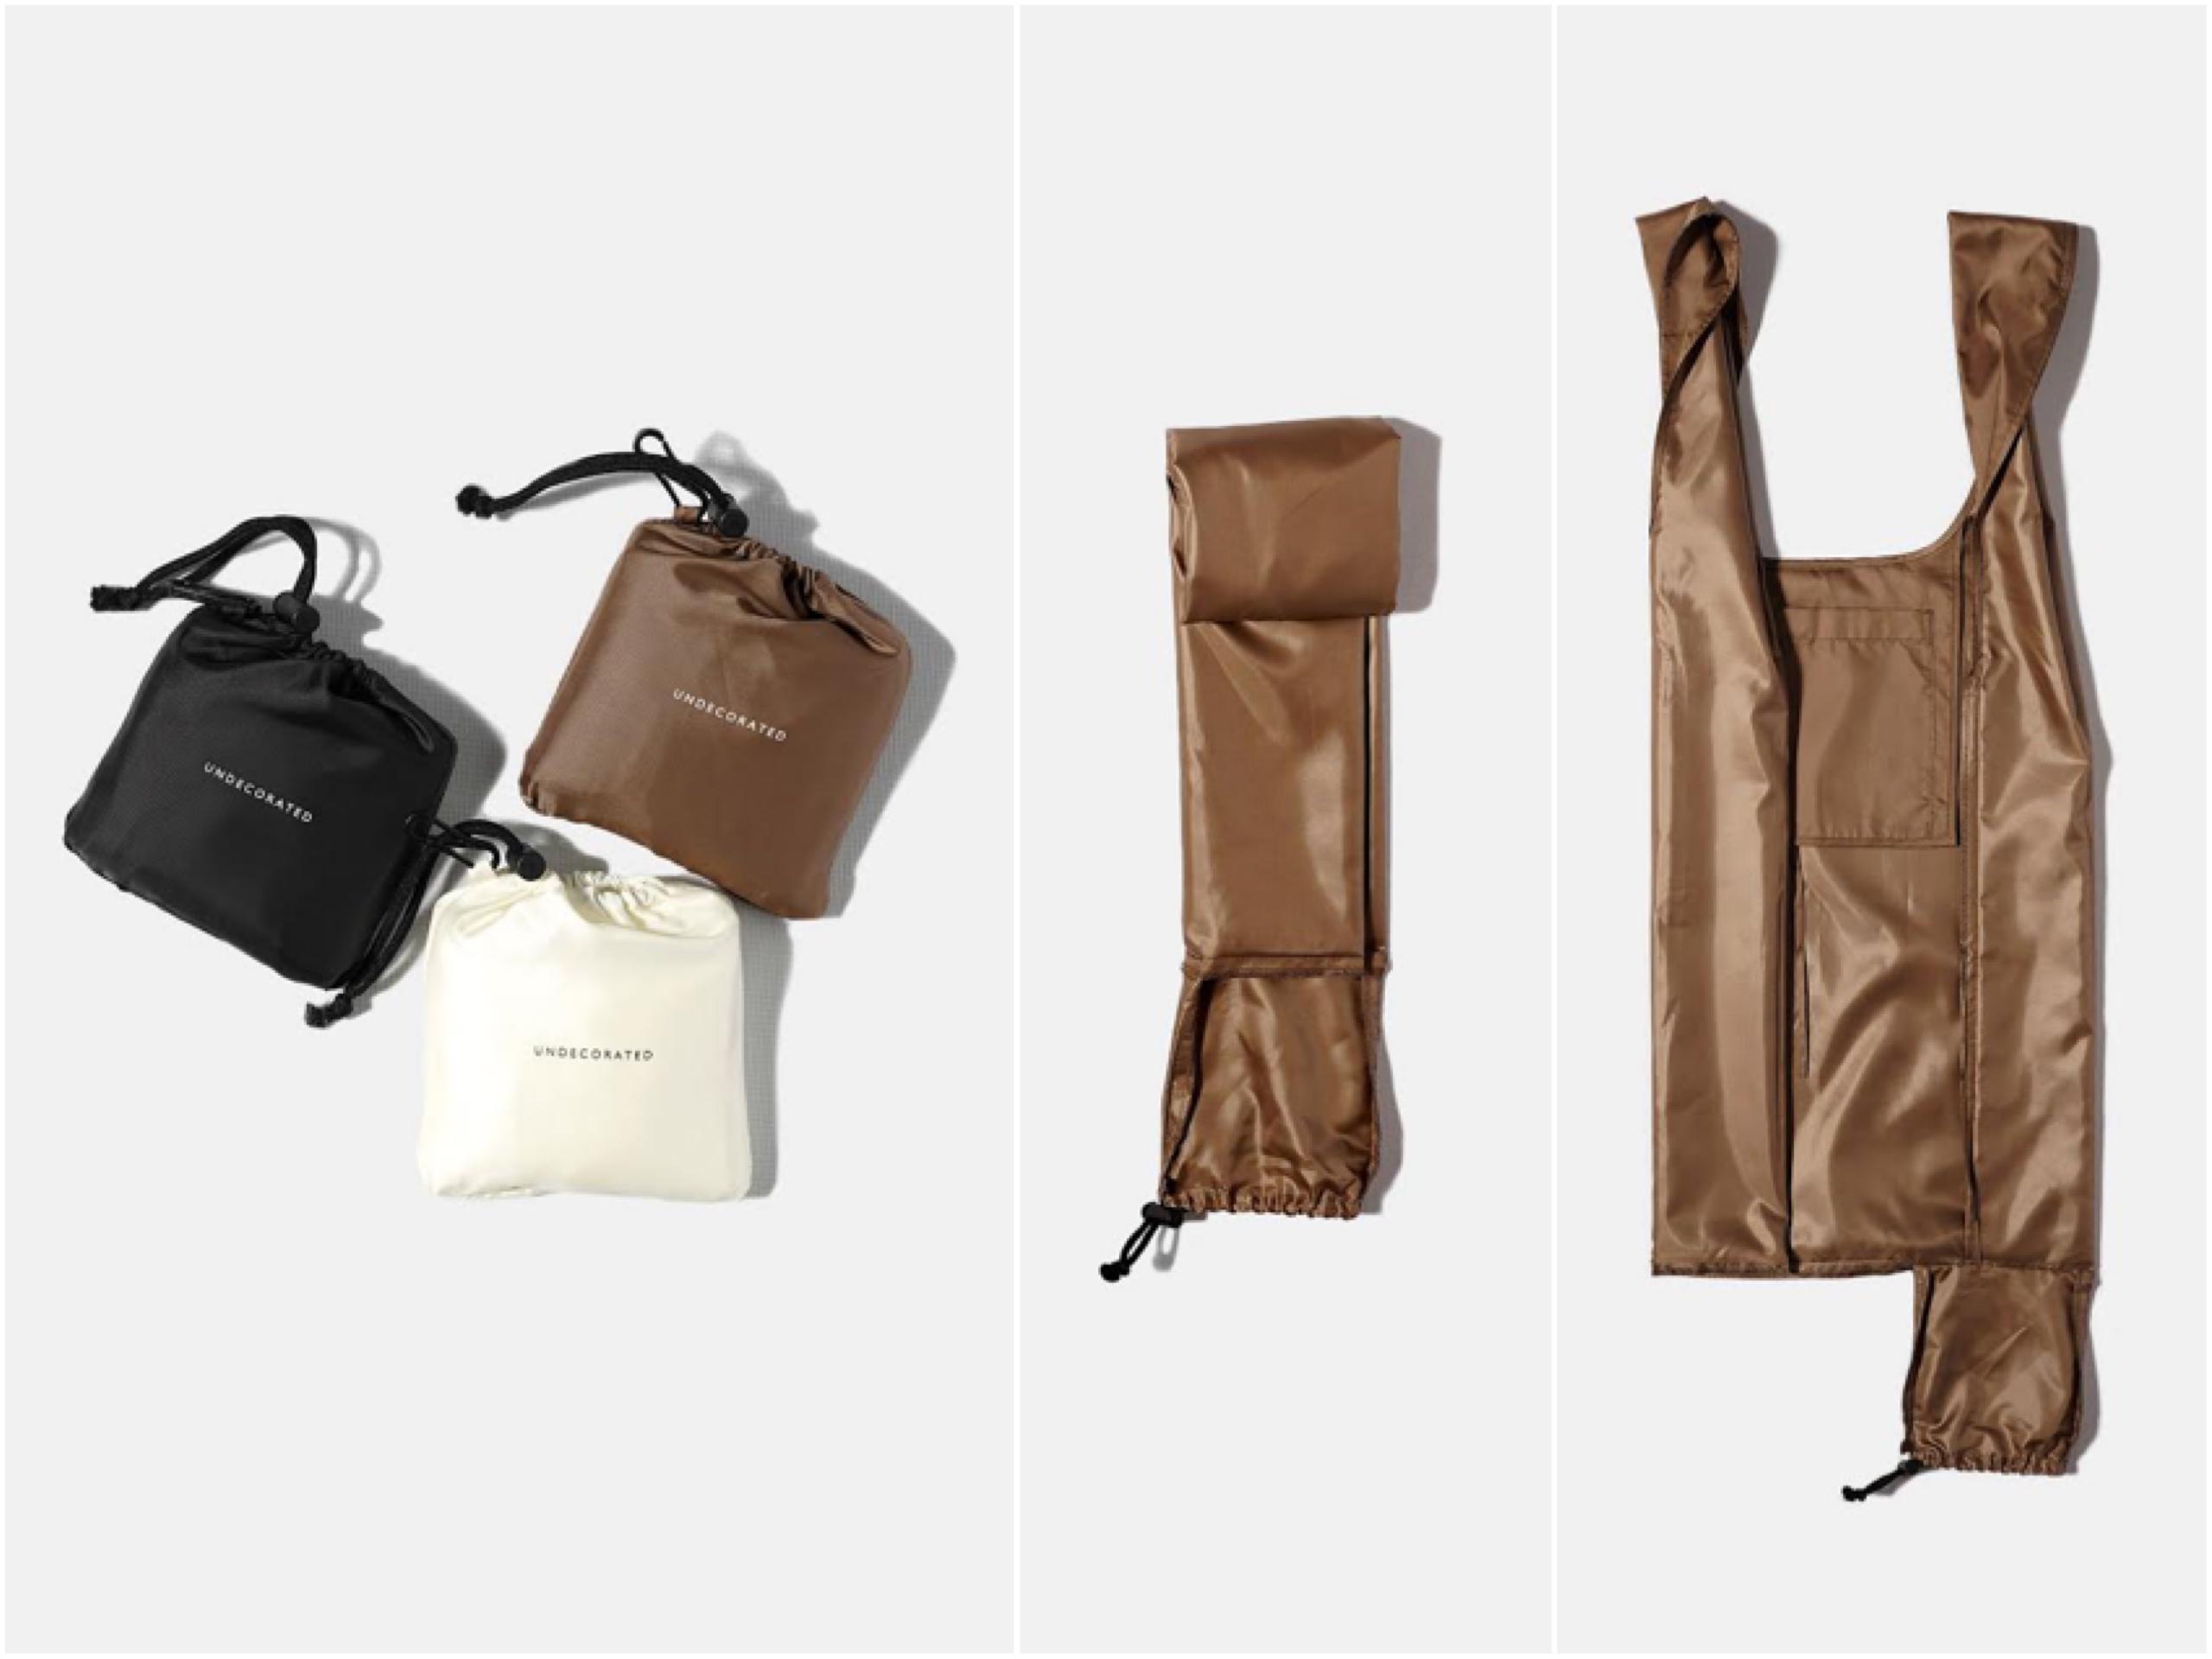 使用済みペットボトルから生まれたエコバッグ「REUSABLE BAG」がおしゃれ! 機能面も大充実なんです♬_2